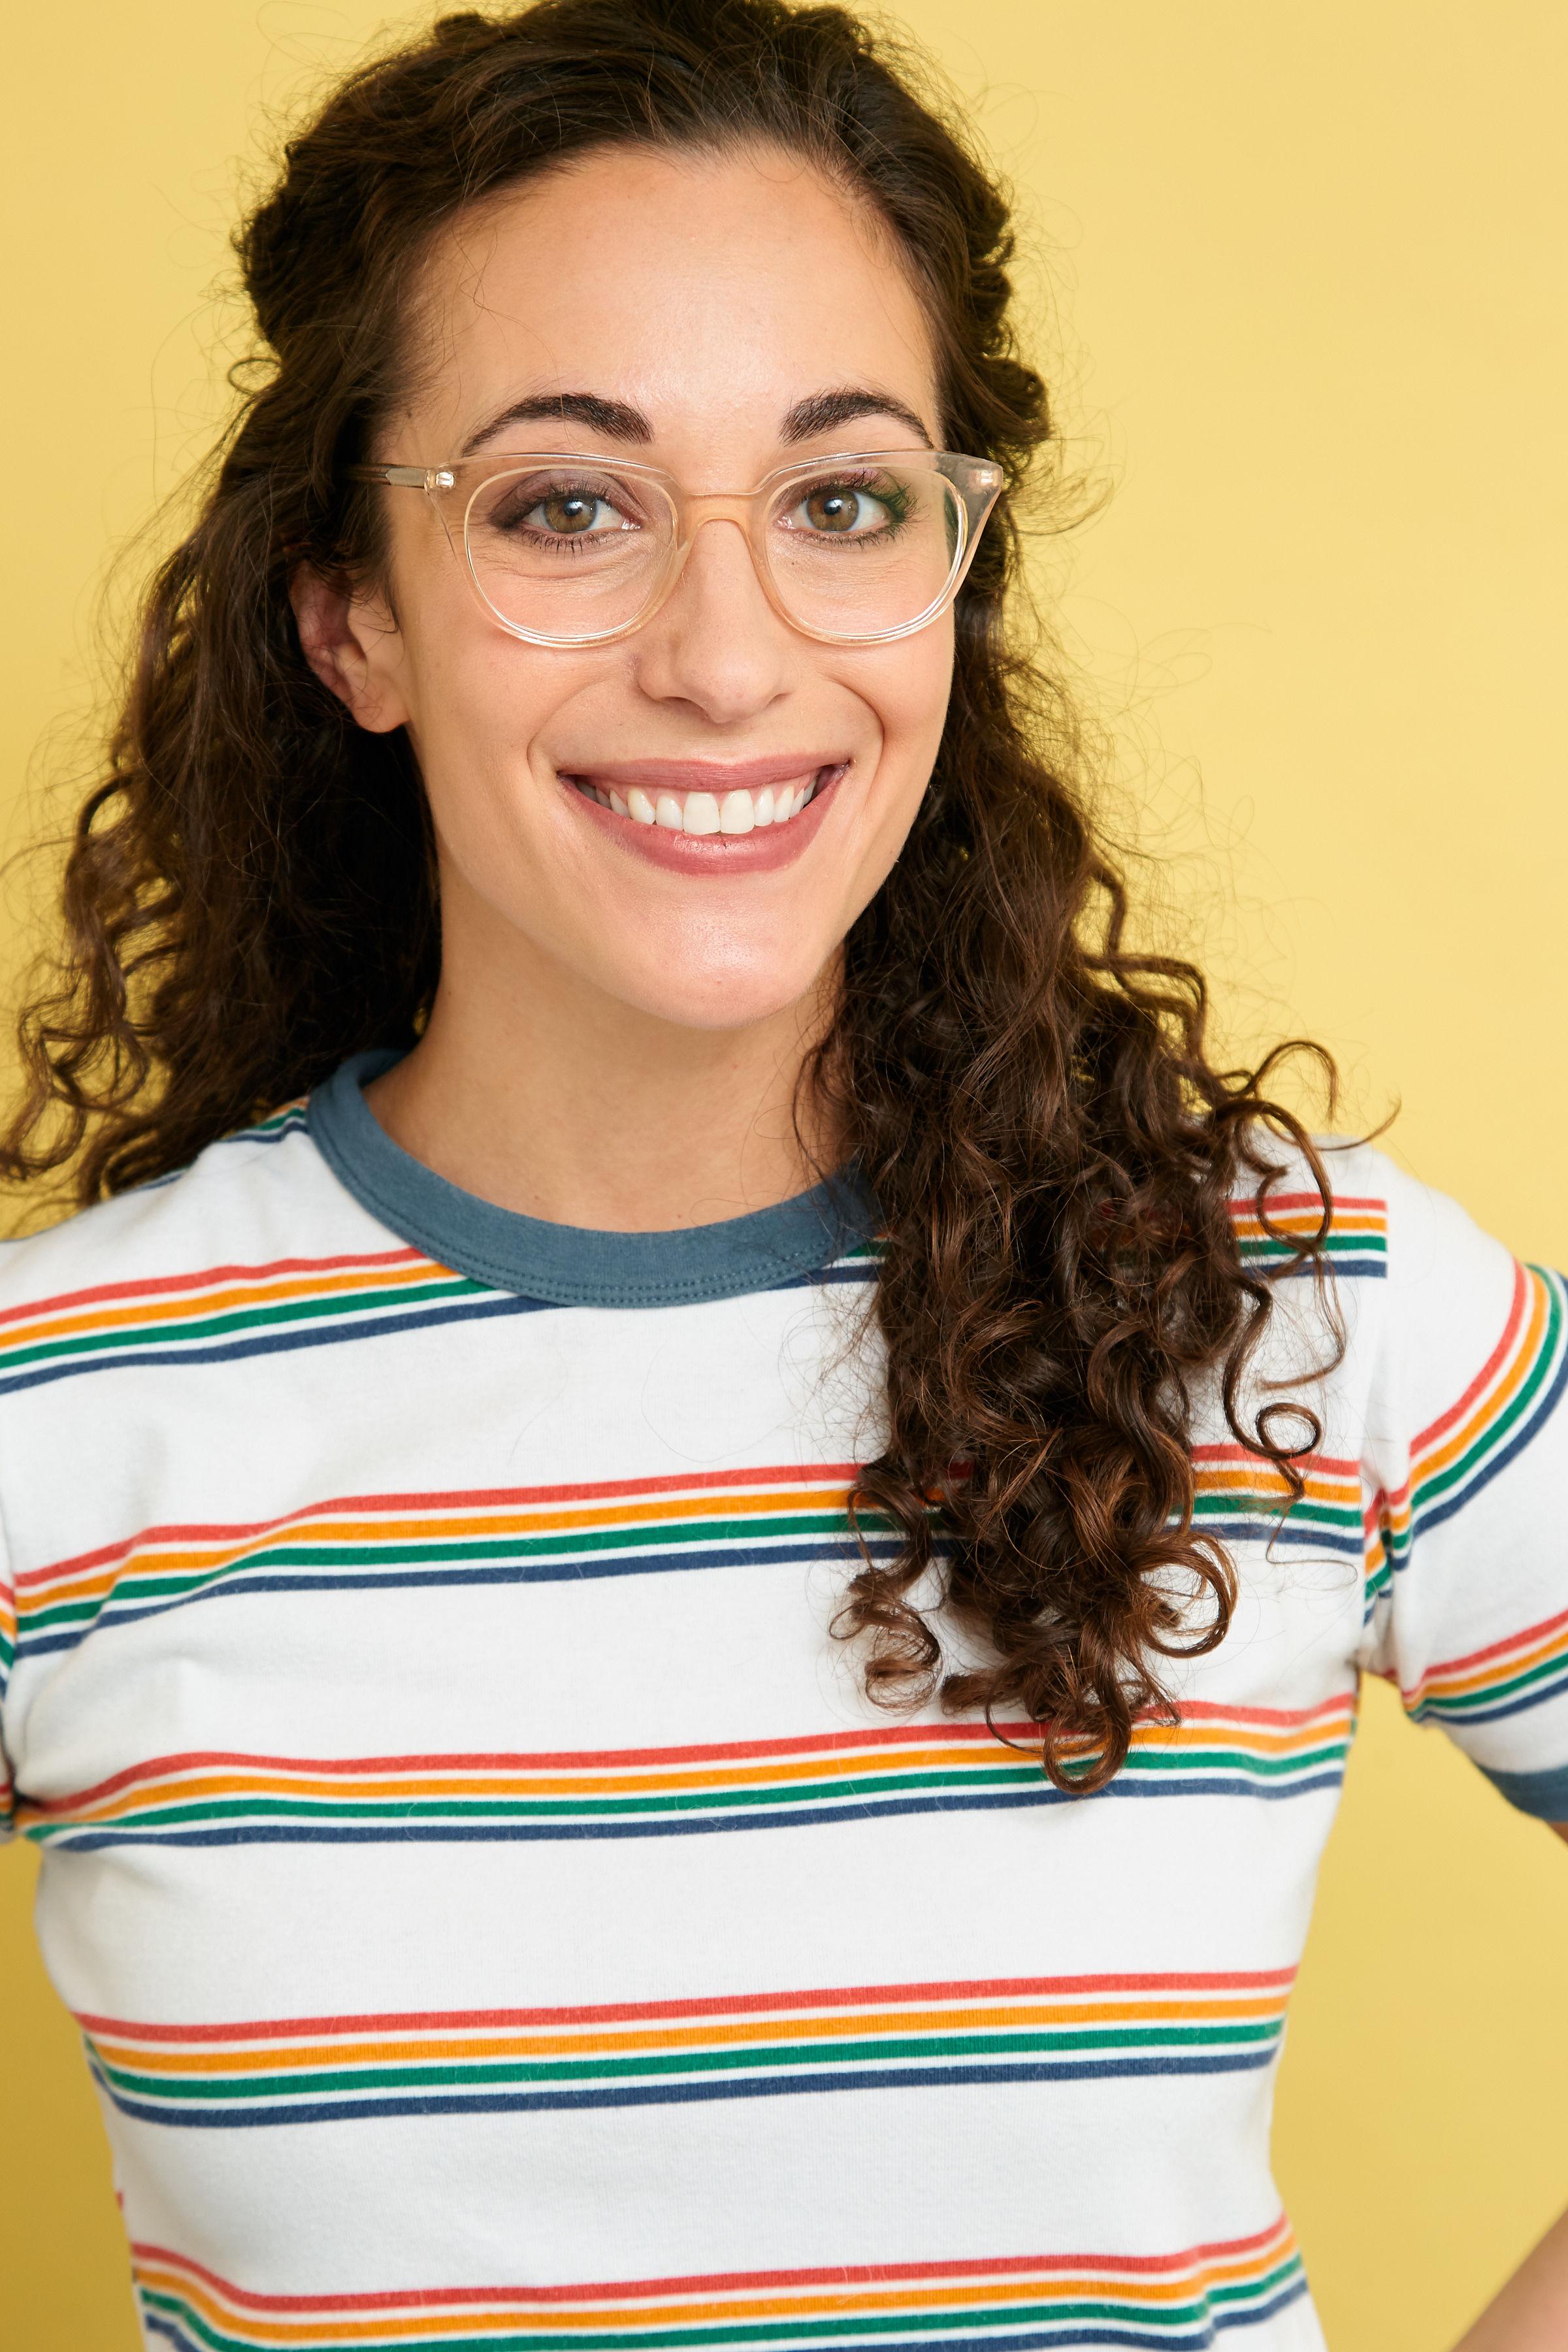 Sara Spadacene